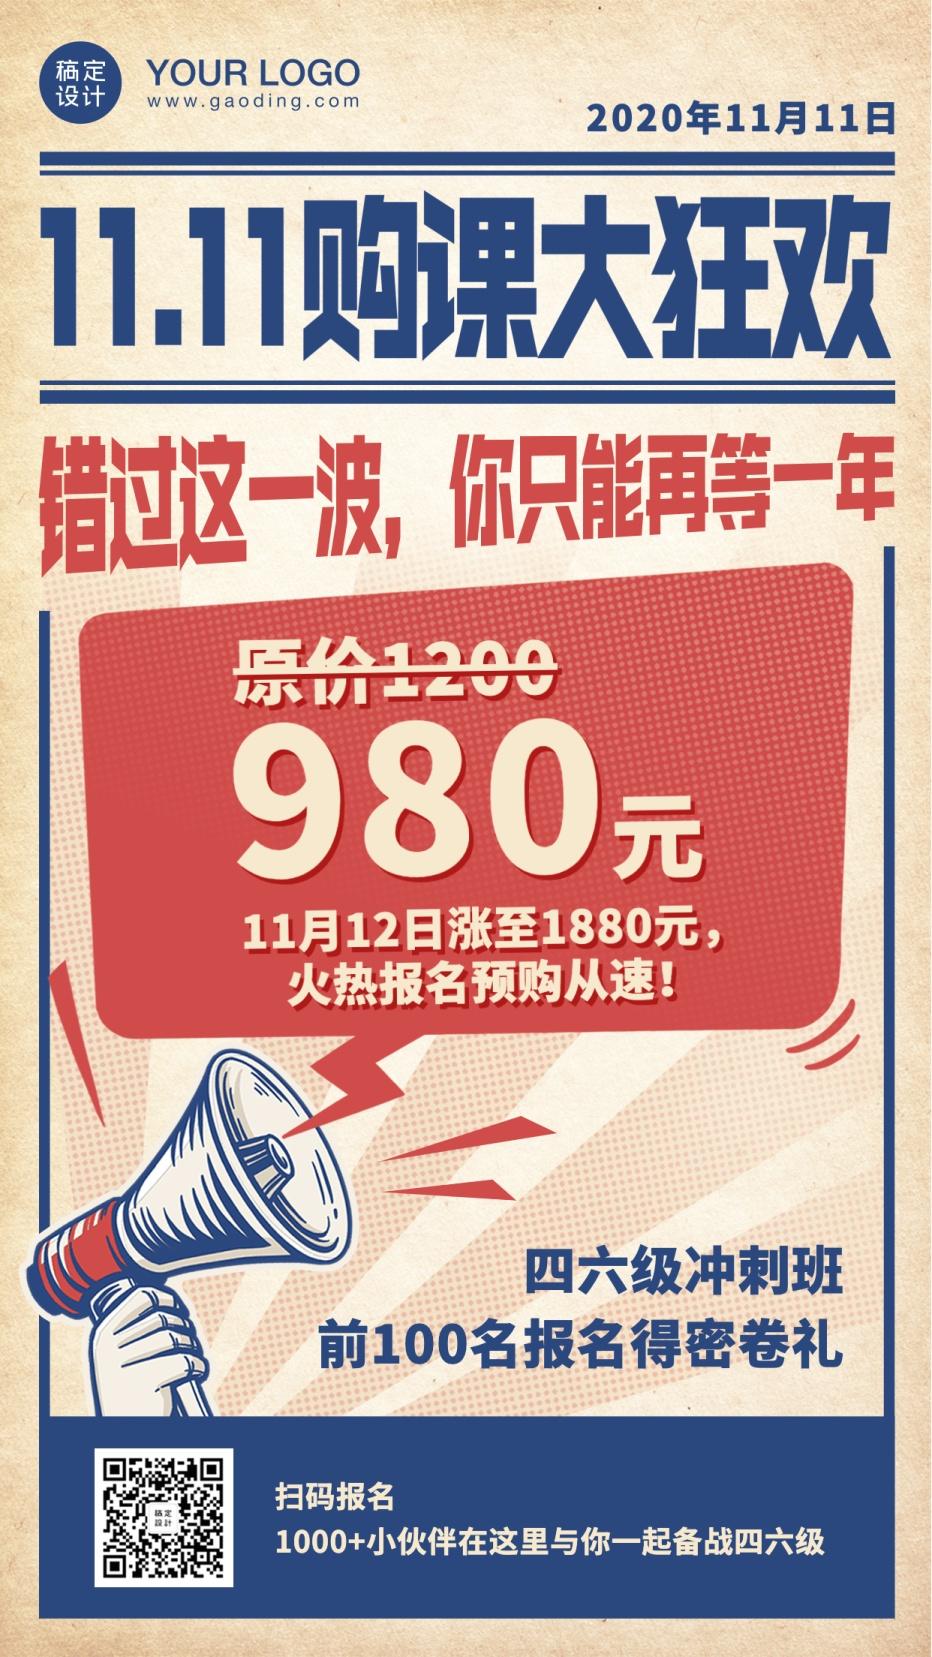 双十一英语四六级课程招生促销海报